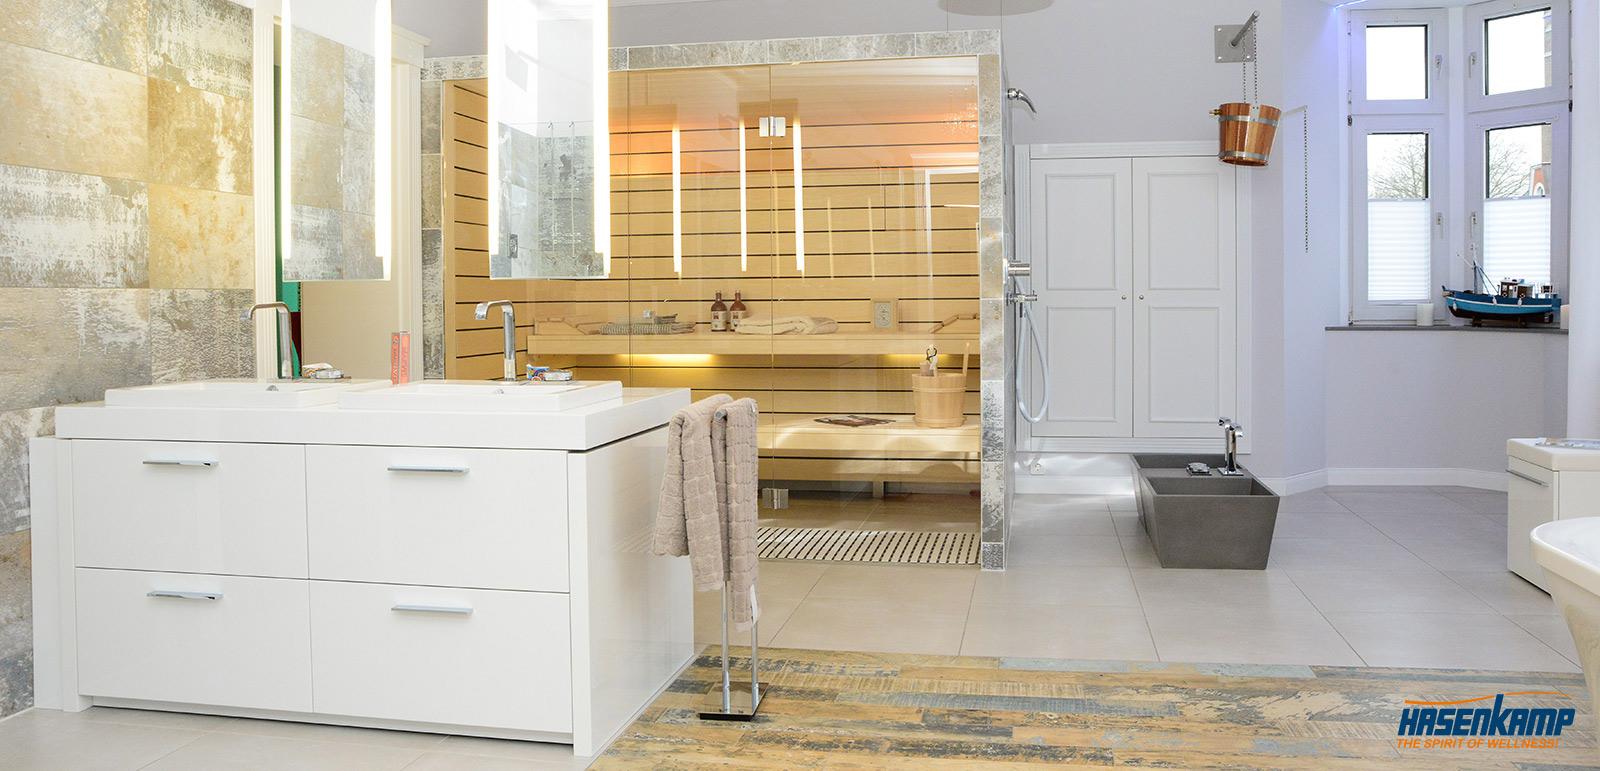 Awesome Ausstellung Badezimmer Images - Inspiration für zu Hause ...